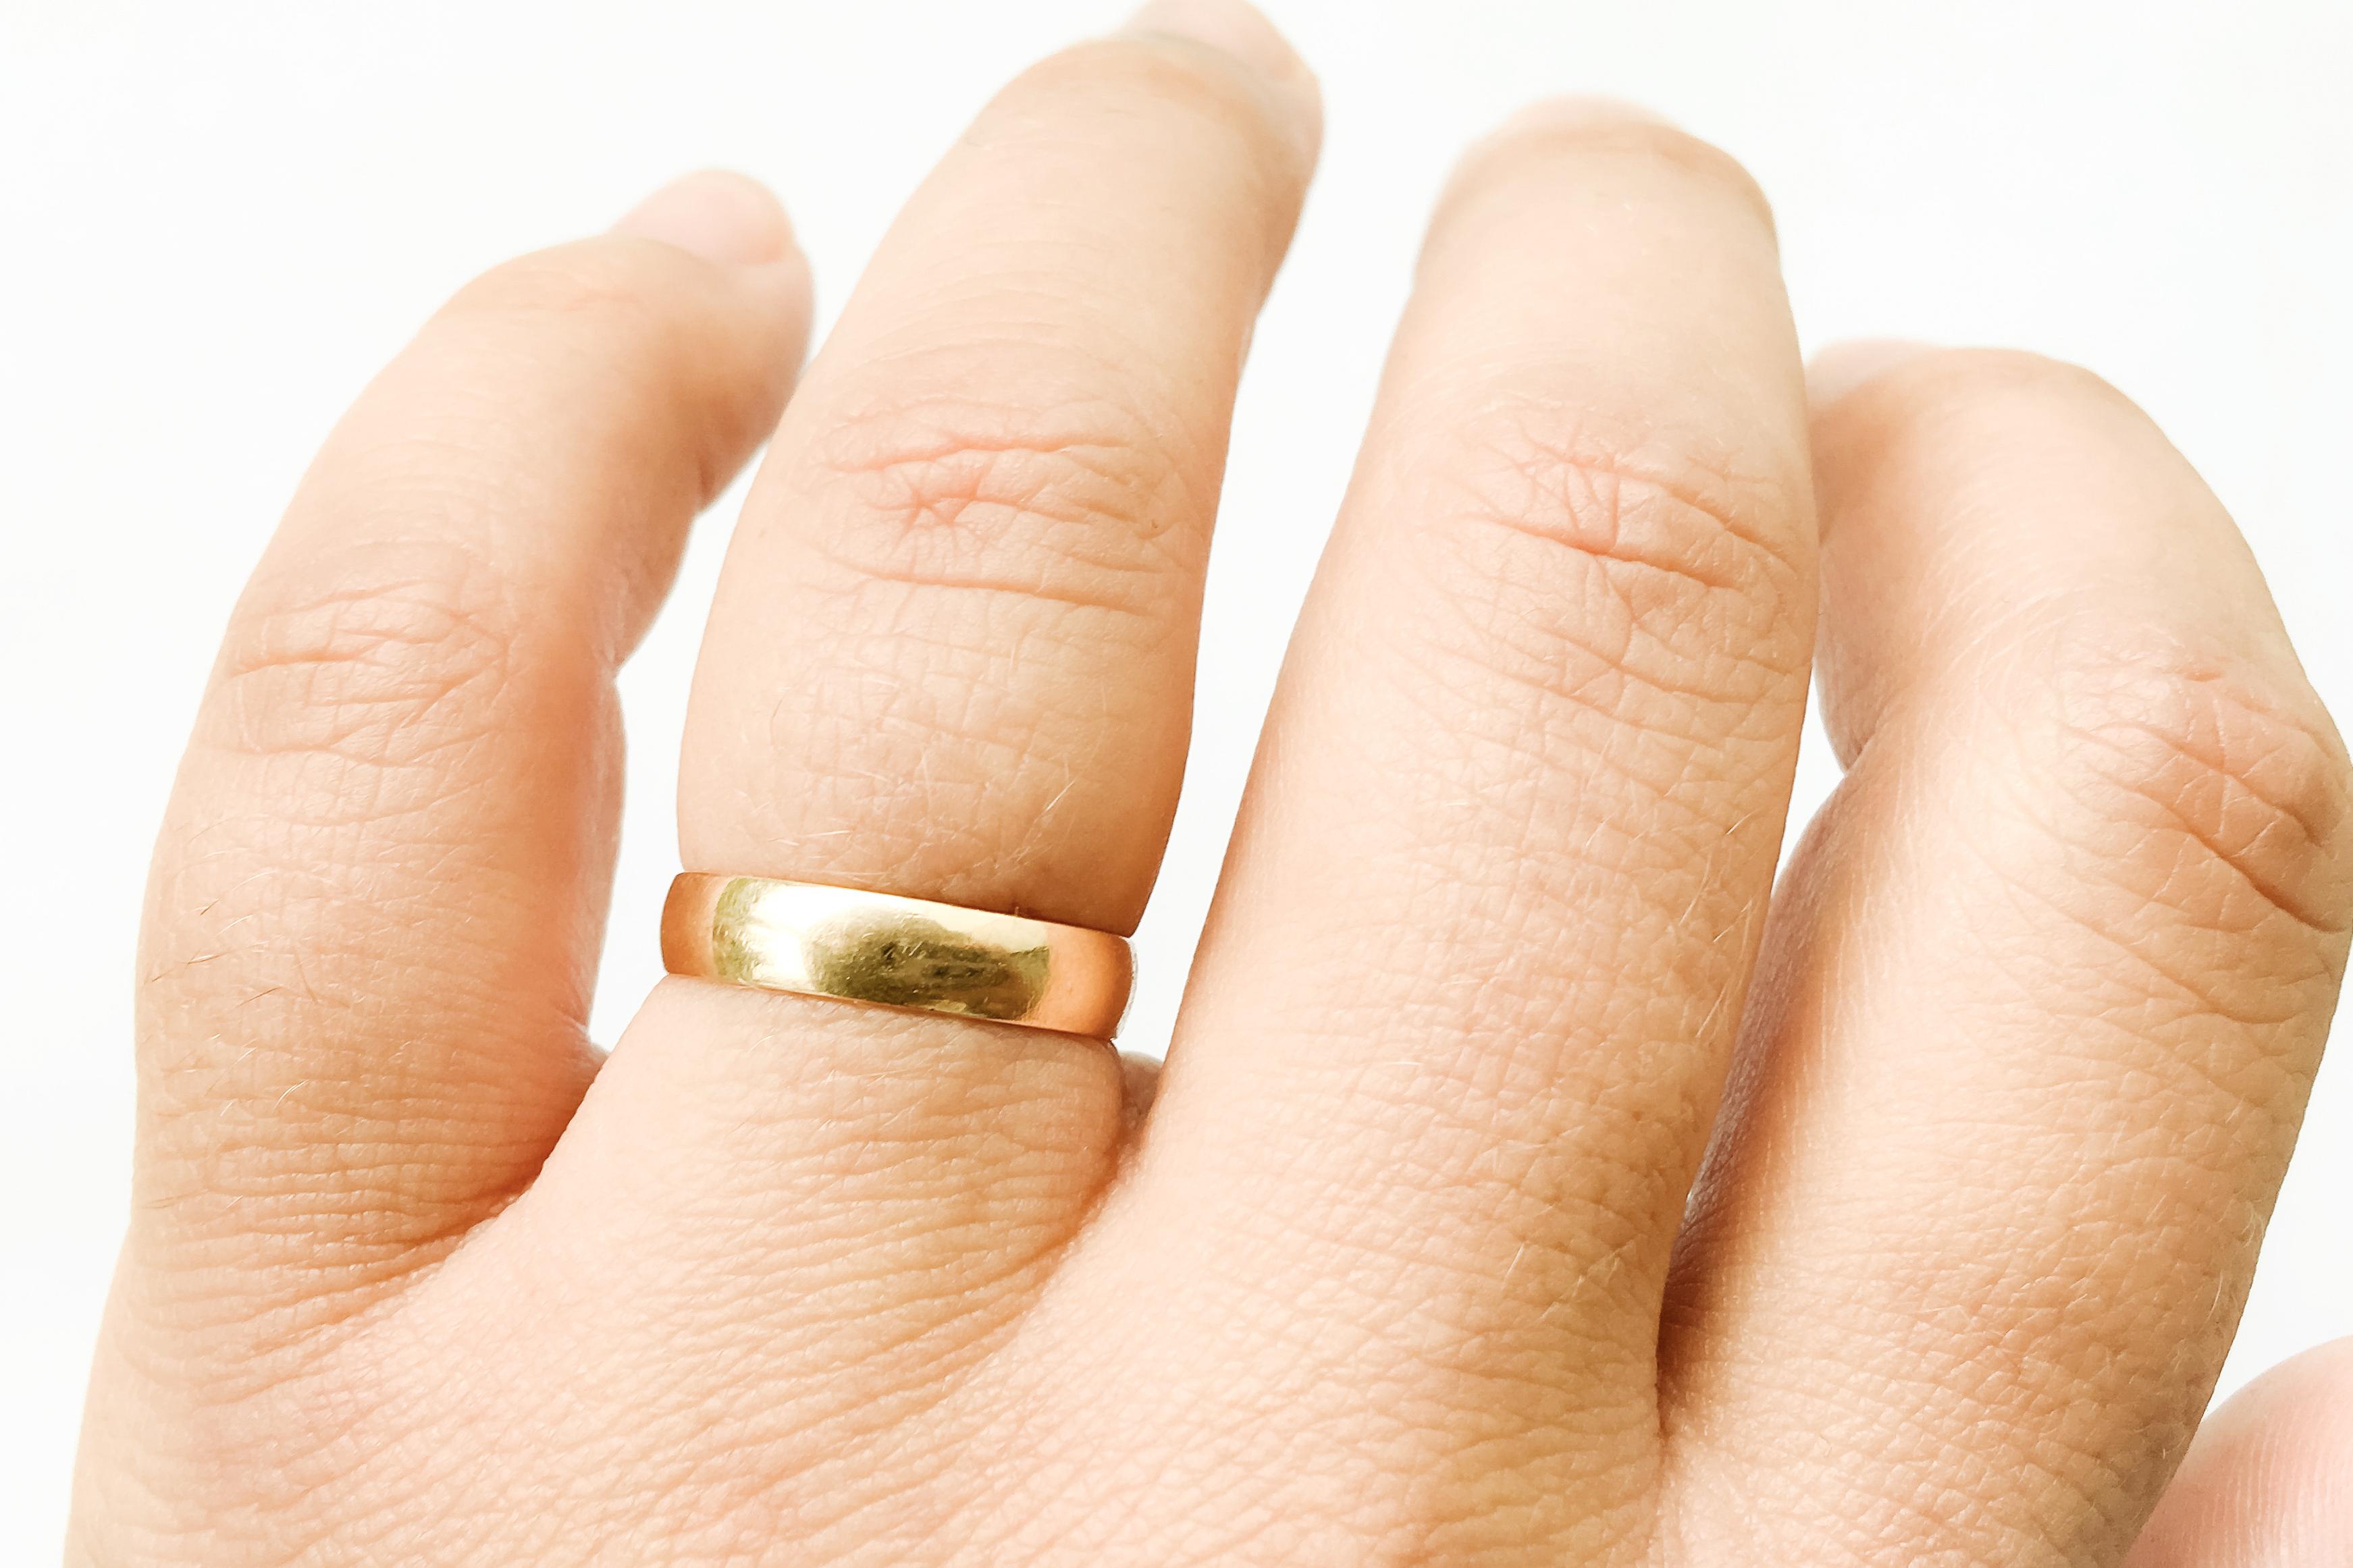 miért fáj az ujjak ízületei alvás után hogyan lehet azonosítani a fájó fül vagy ízület